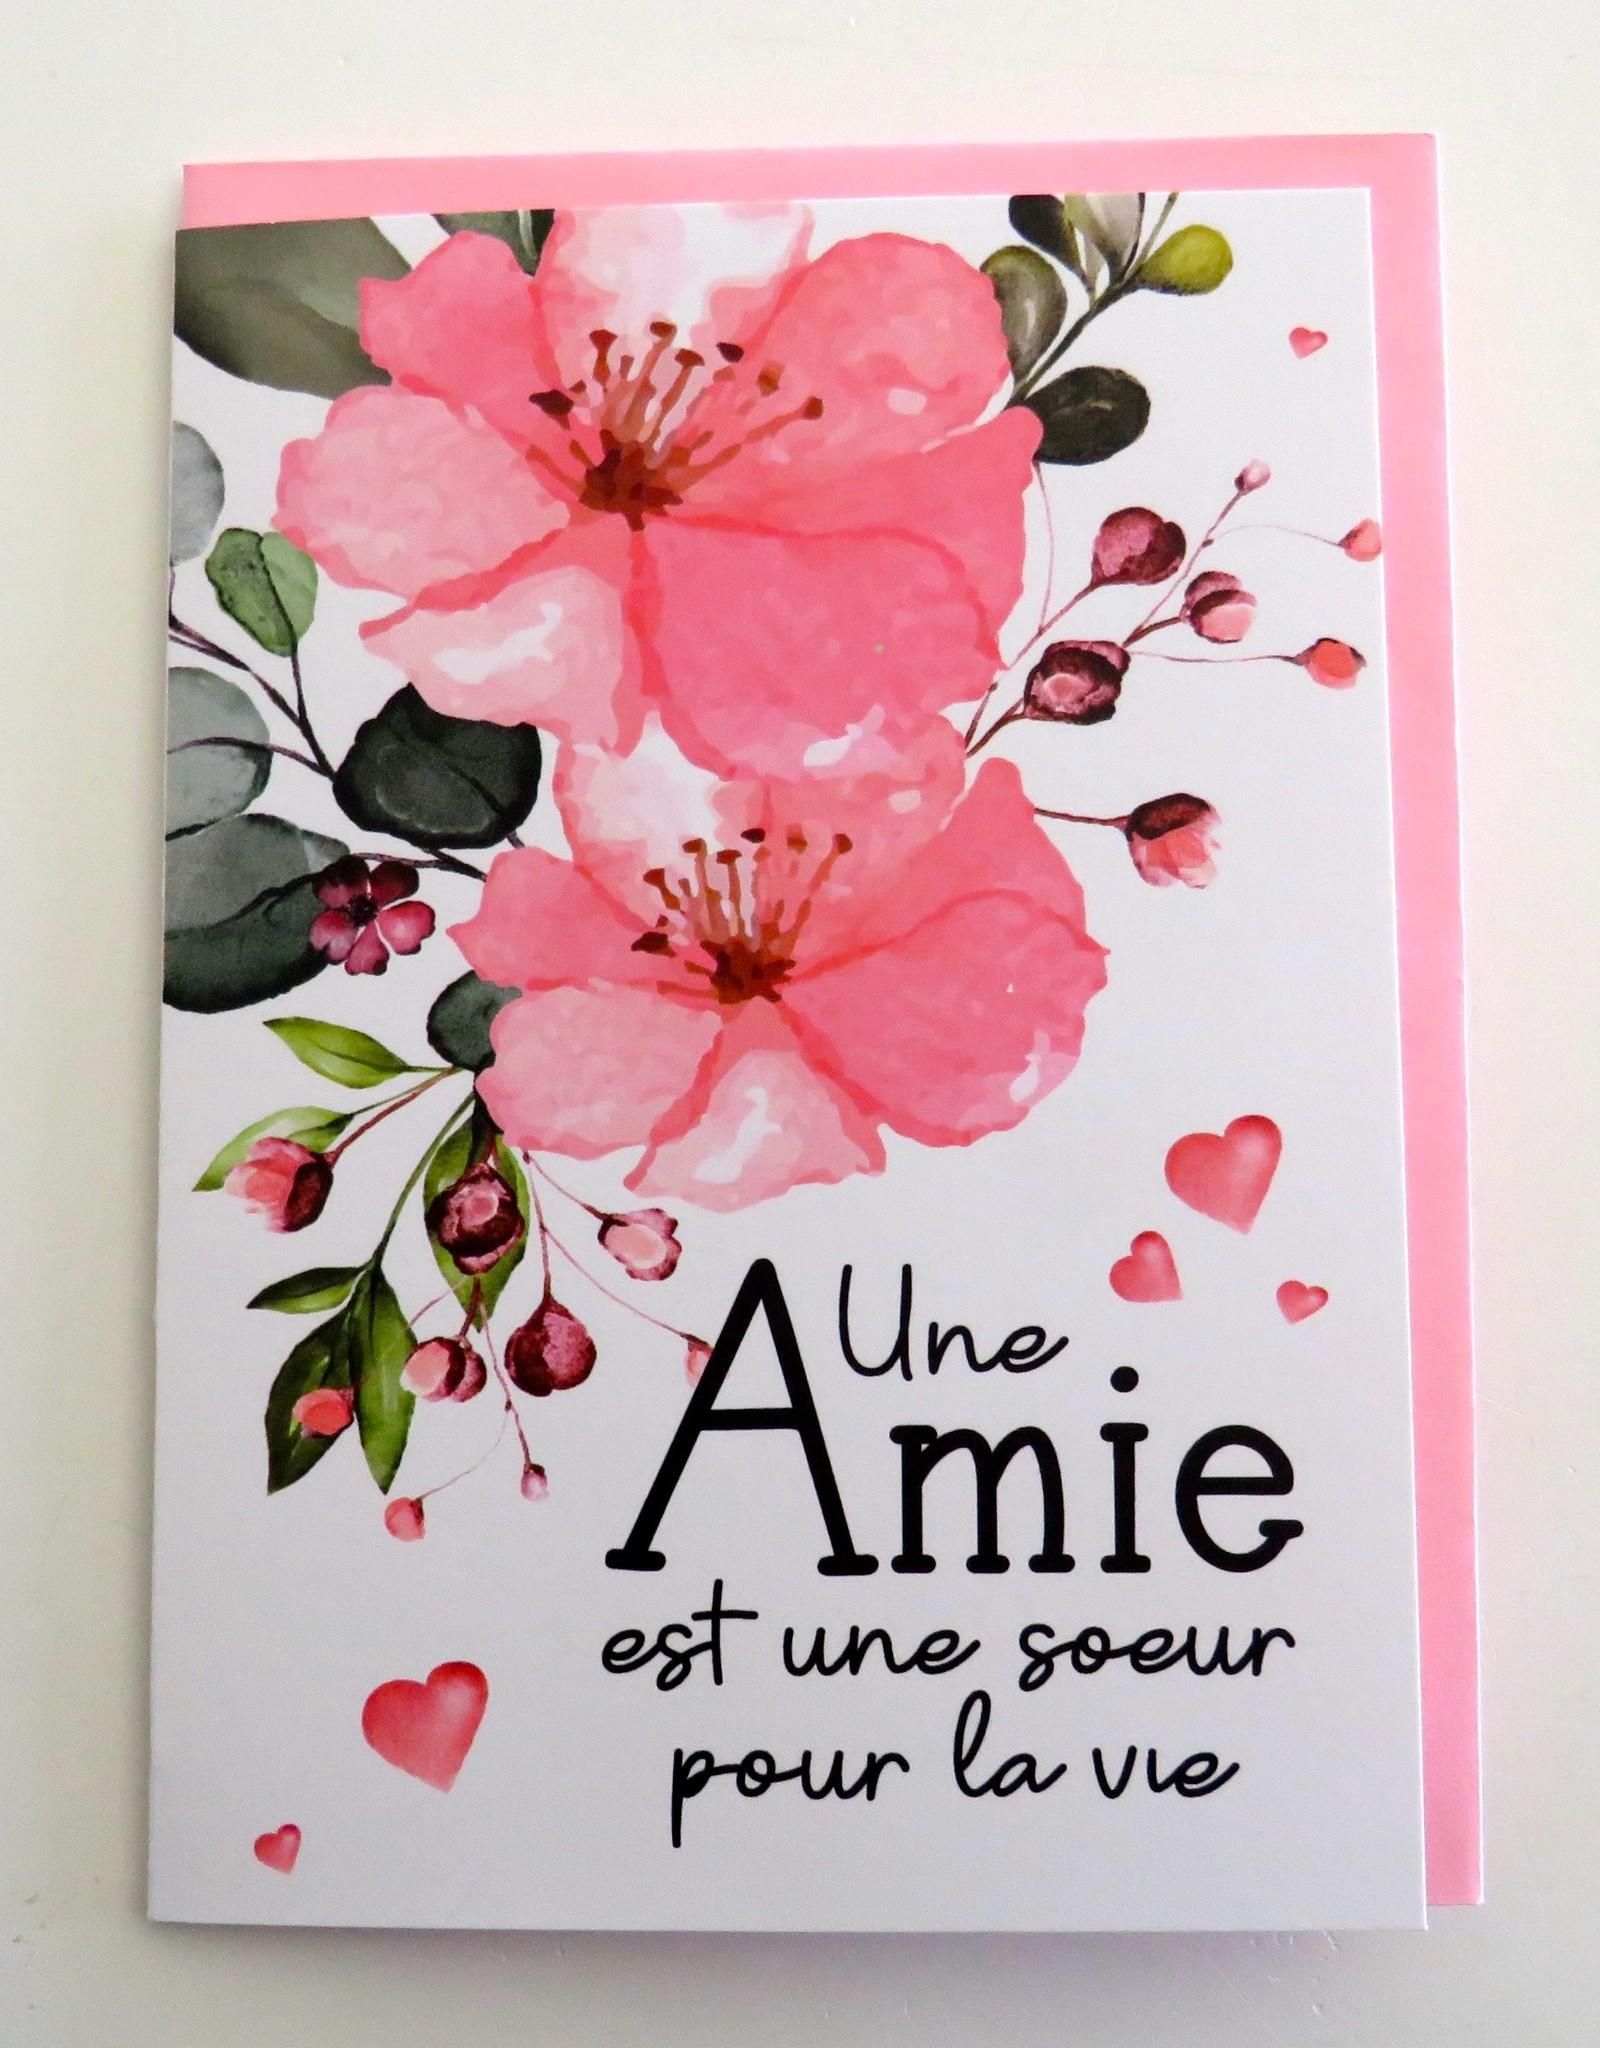 Carte de souhaits Amie